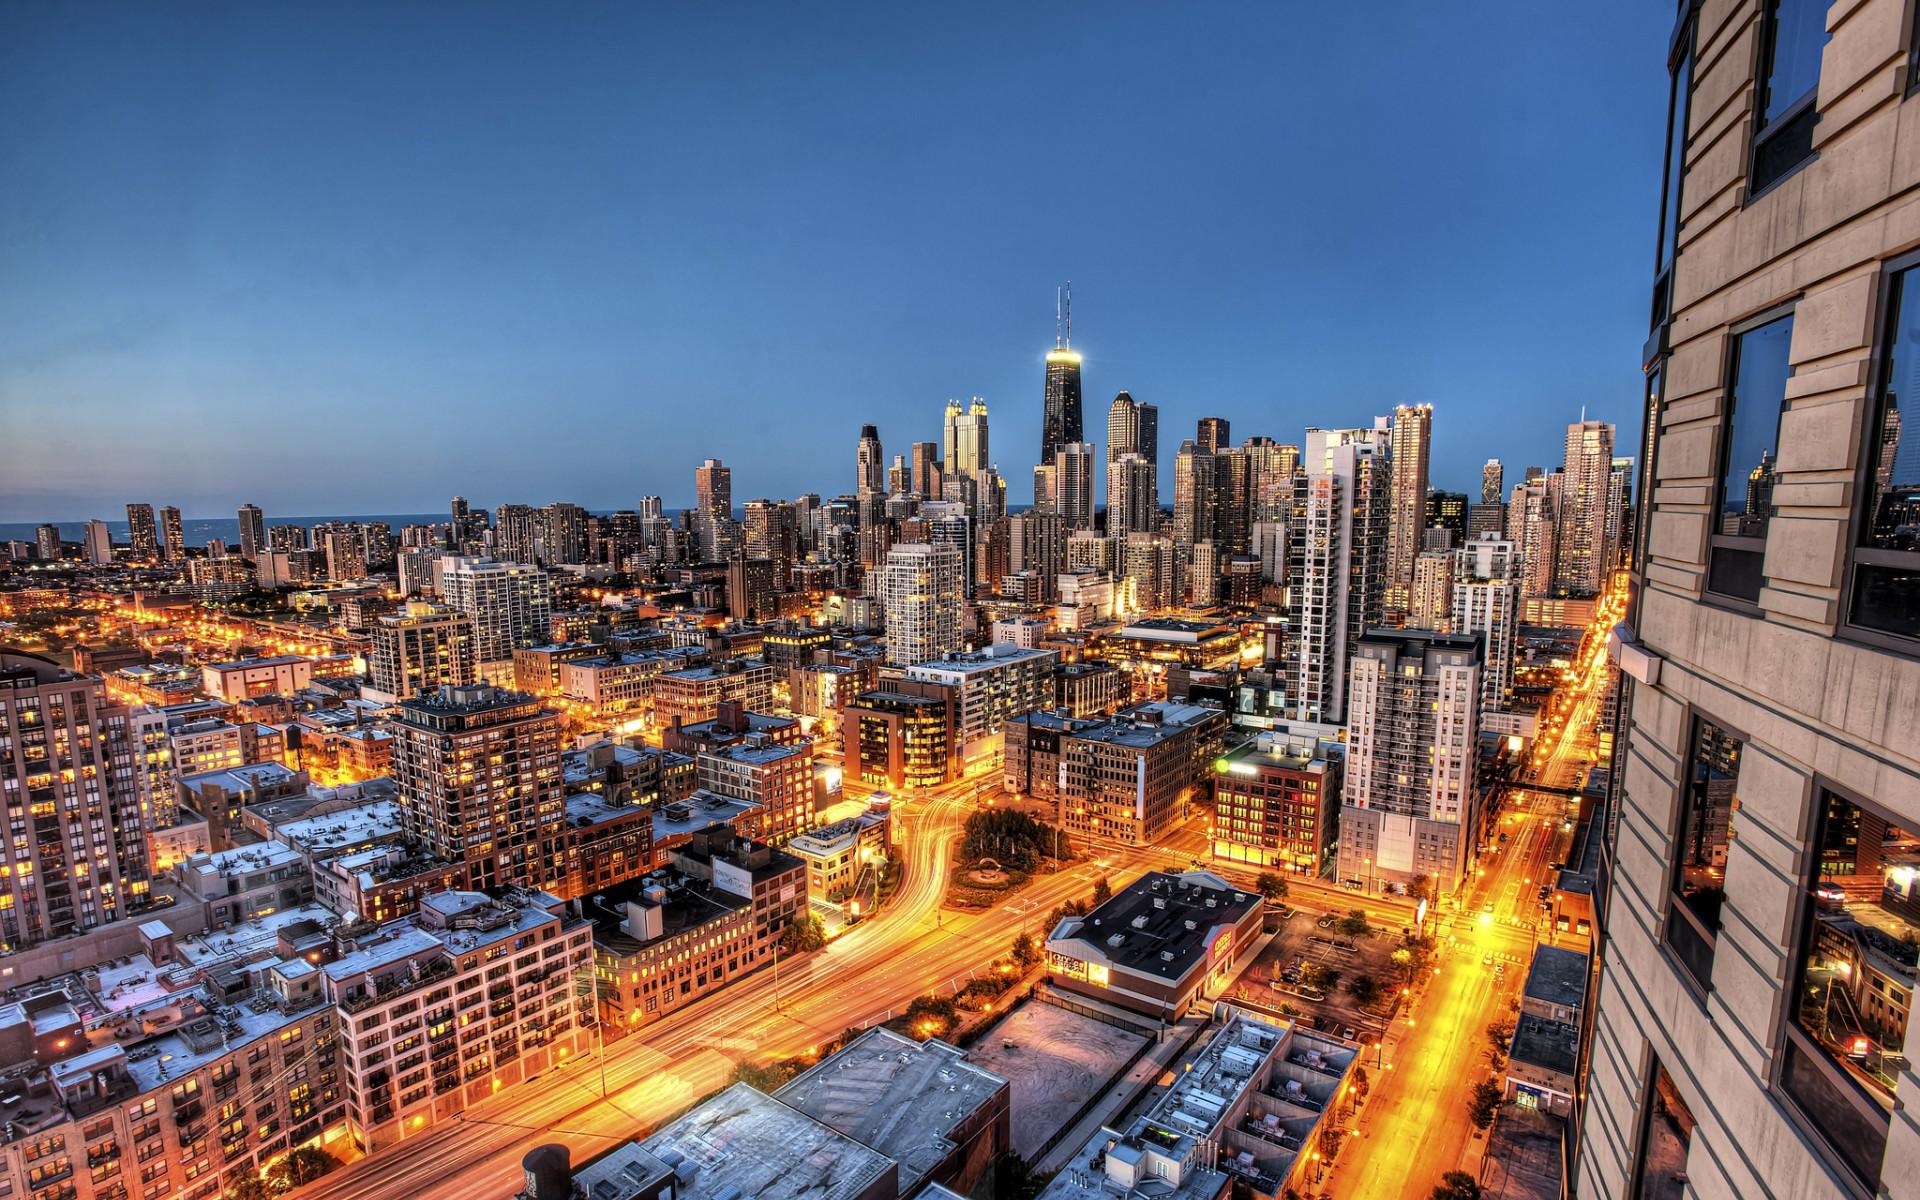 Chicago Illinois city night skyscraper skyscrapers 1920x1200